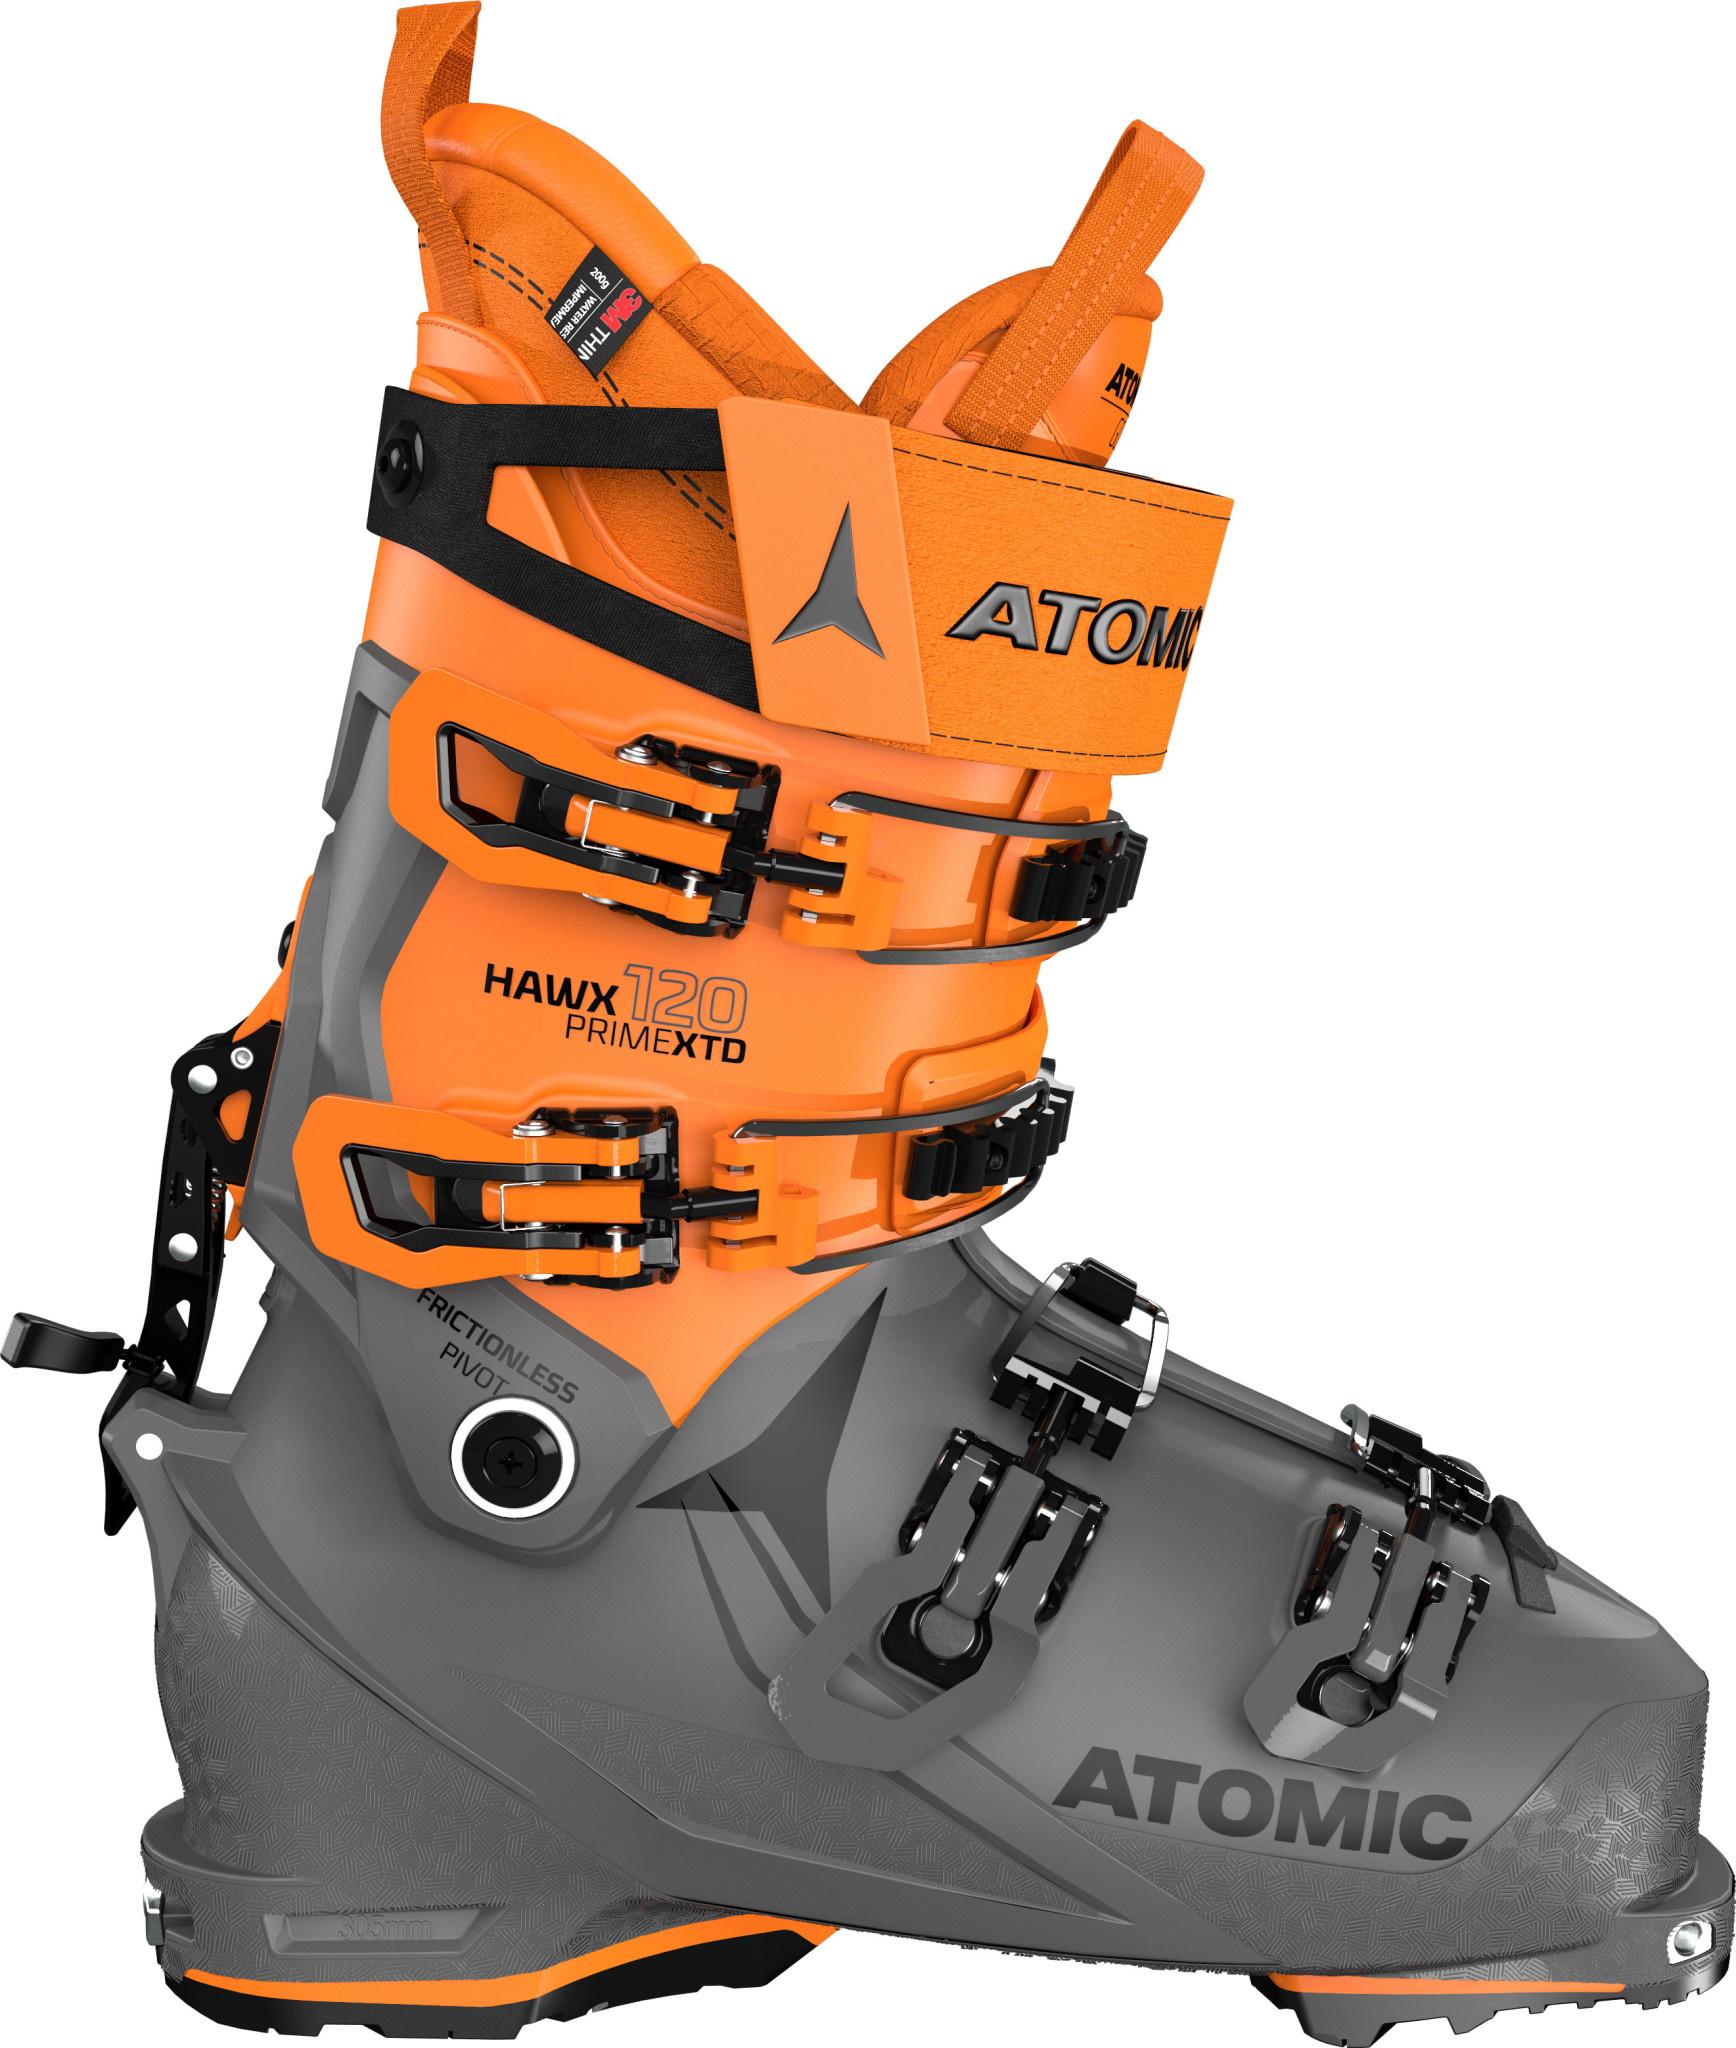 Atomic Hawx Prime XTD 120 Tech GW-1